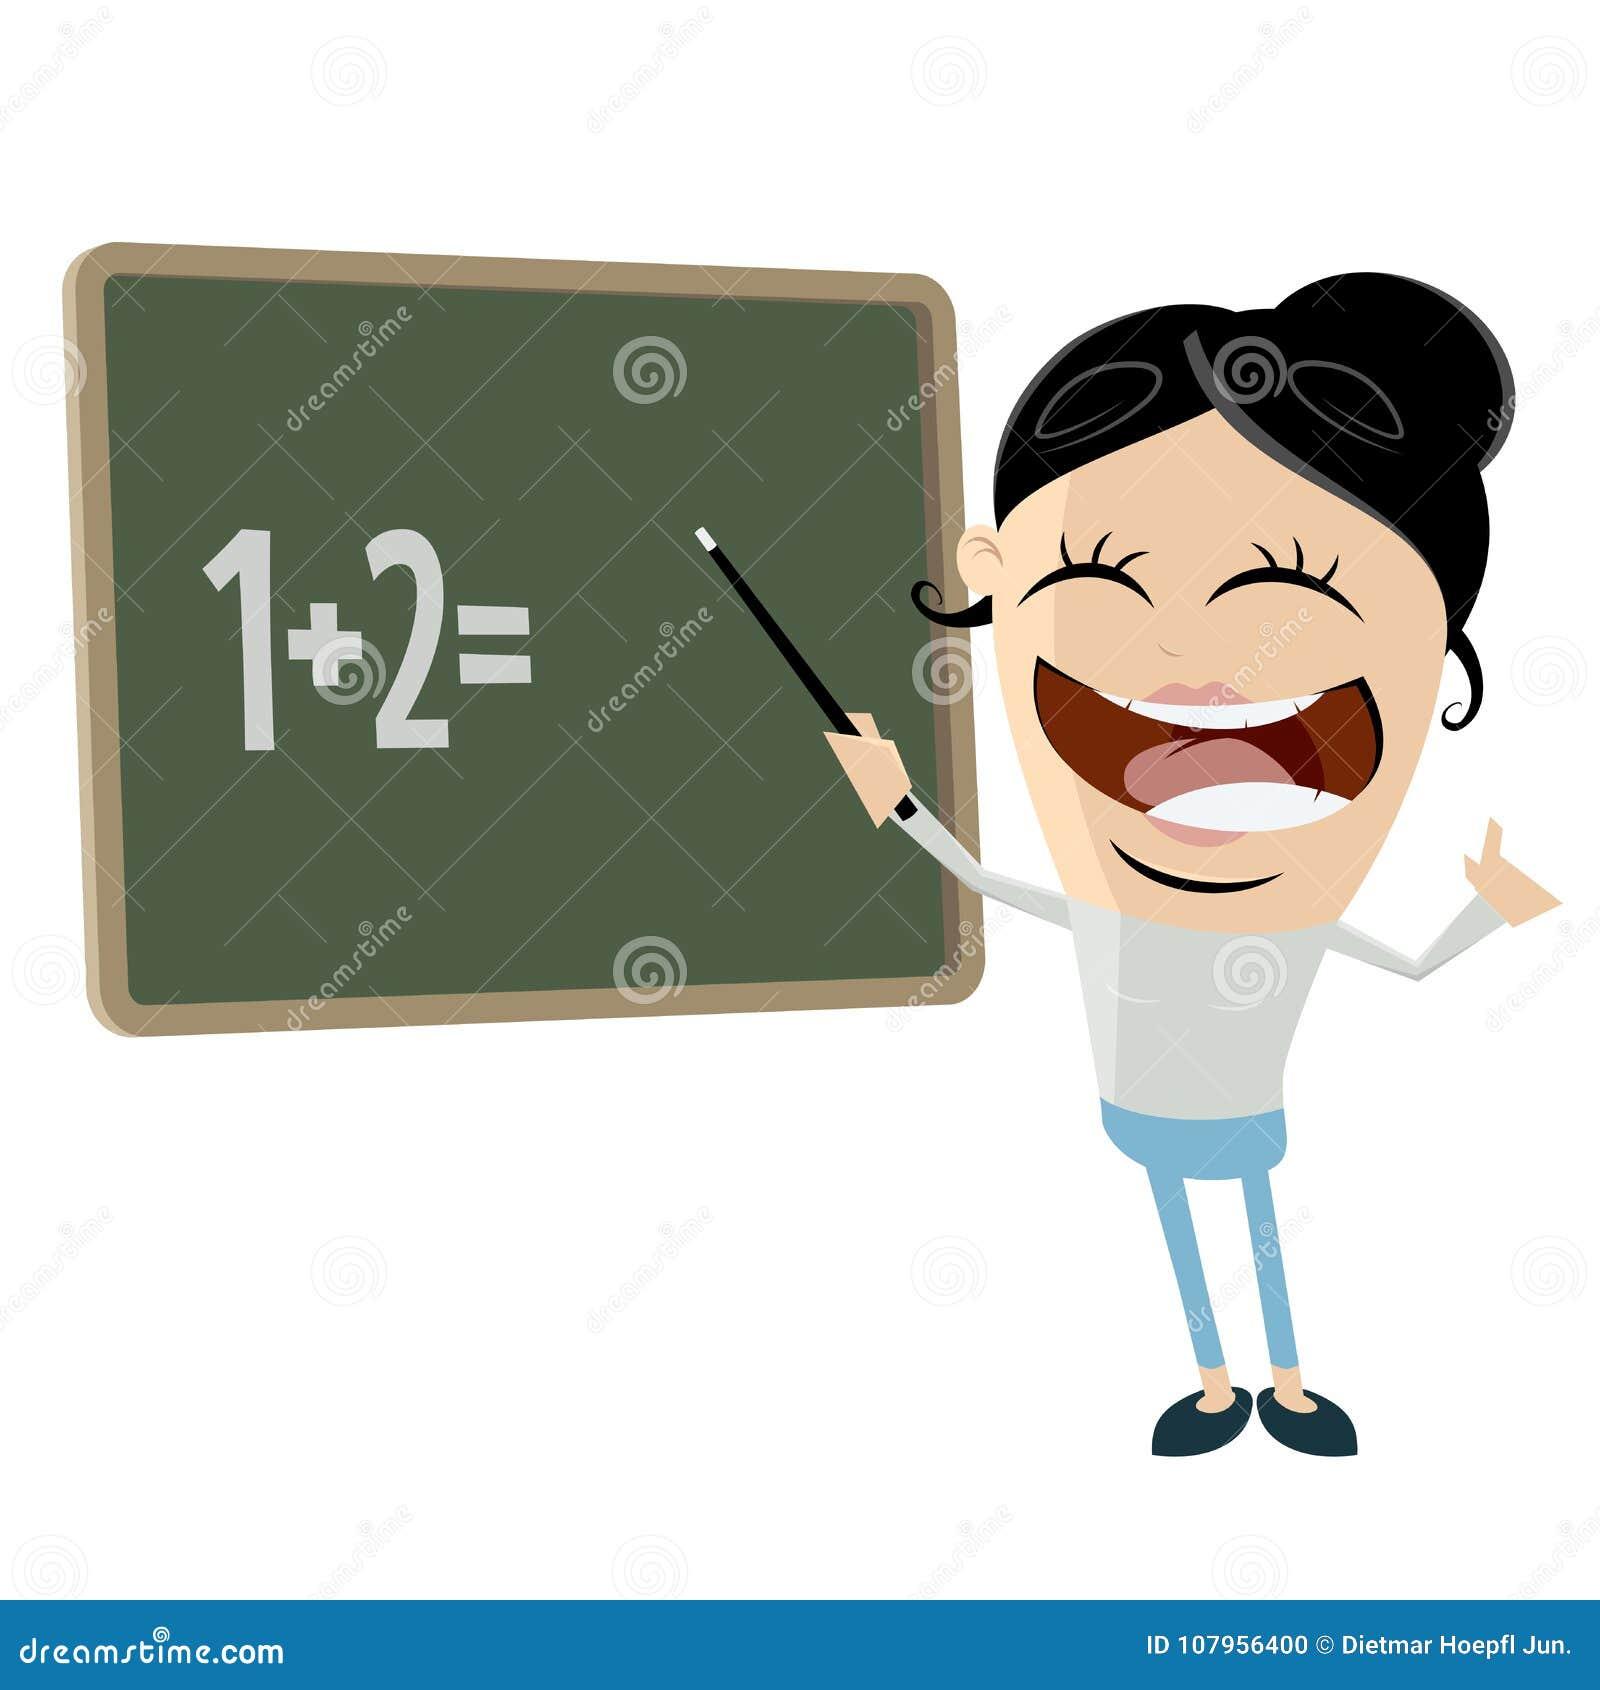 Funny Cartoon Clipart Of A Female Teacher Stock Vector ...